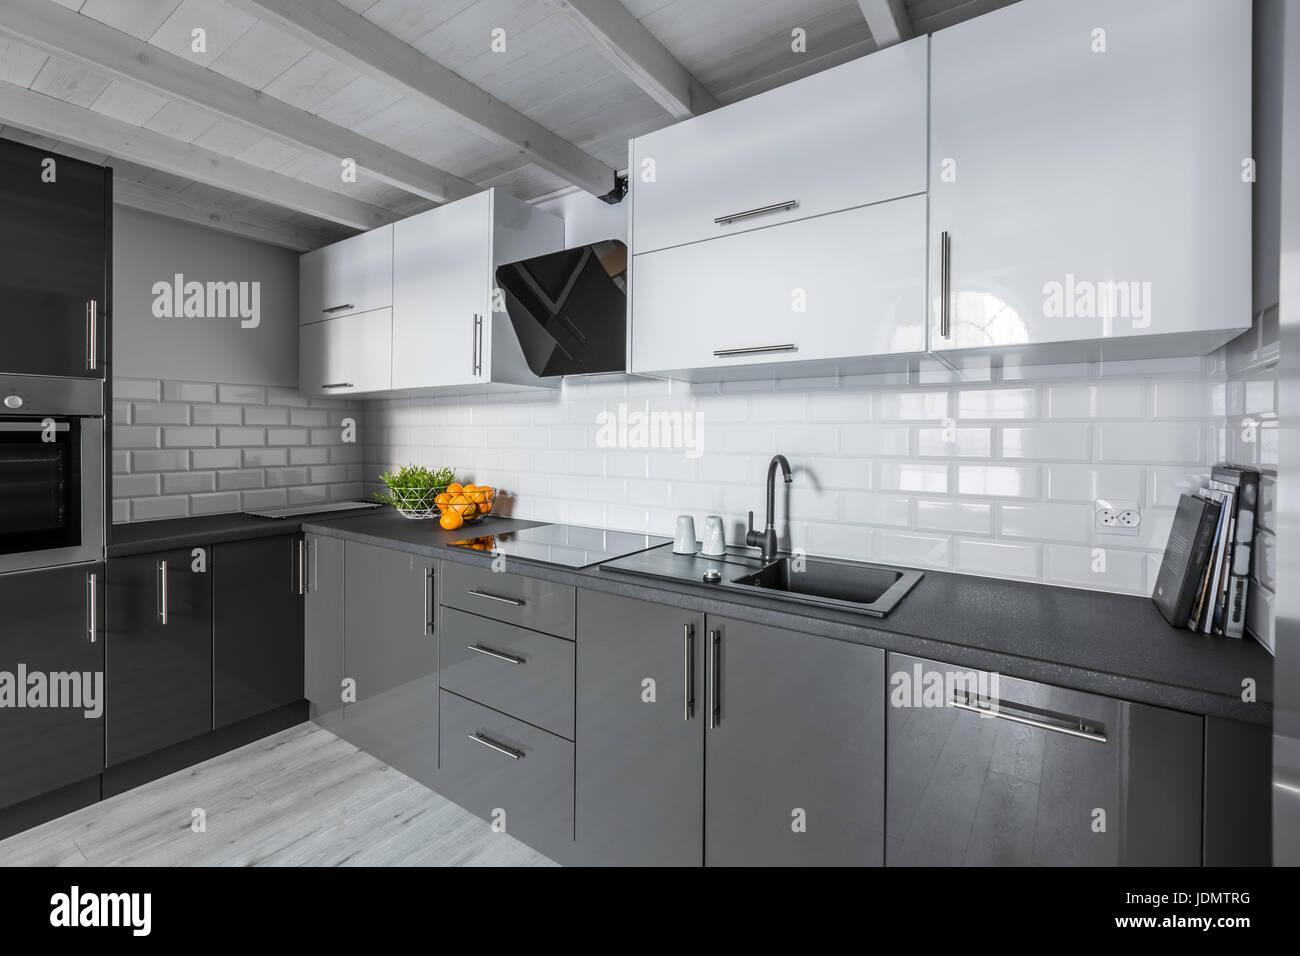 Cuisine Moderne Avec Des Carreaux En Brique Blanche Et Un Plafond En Bois